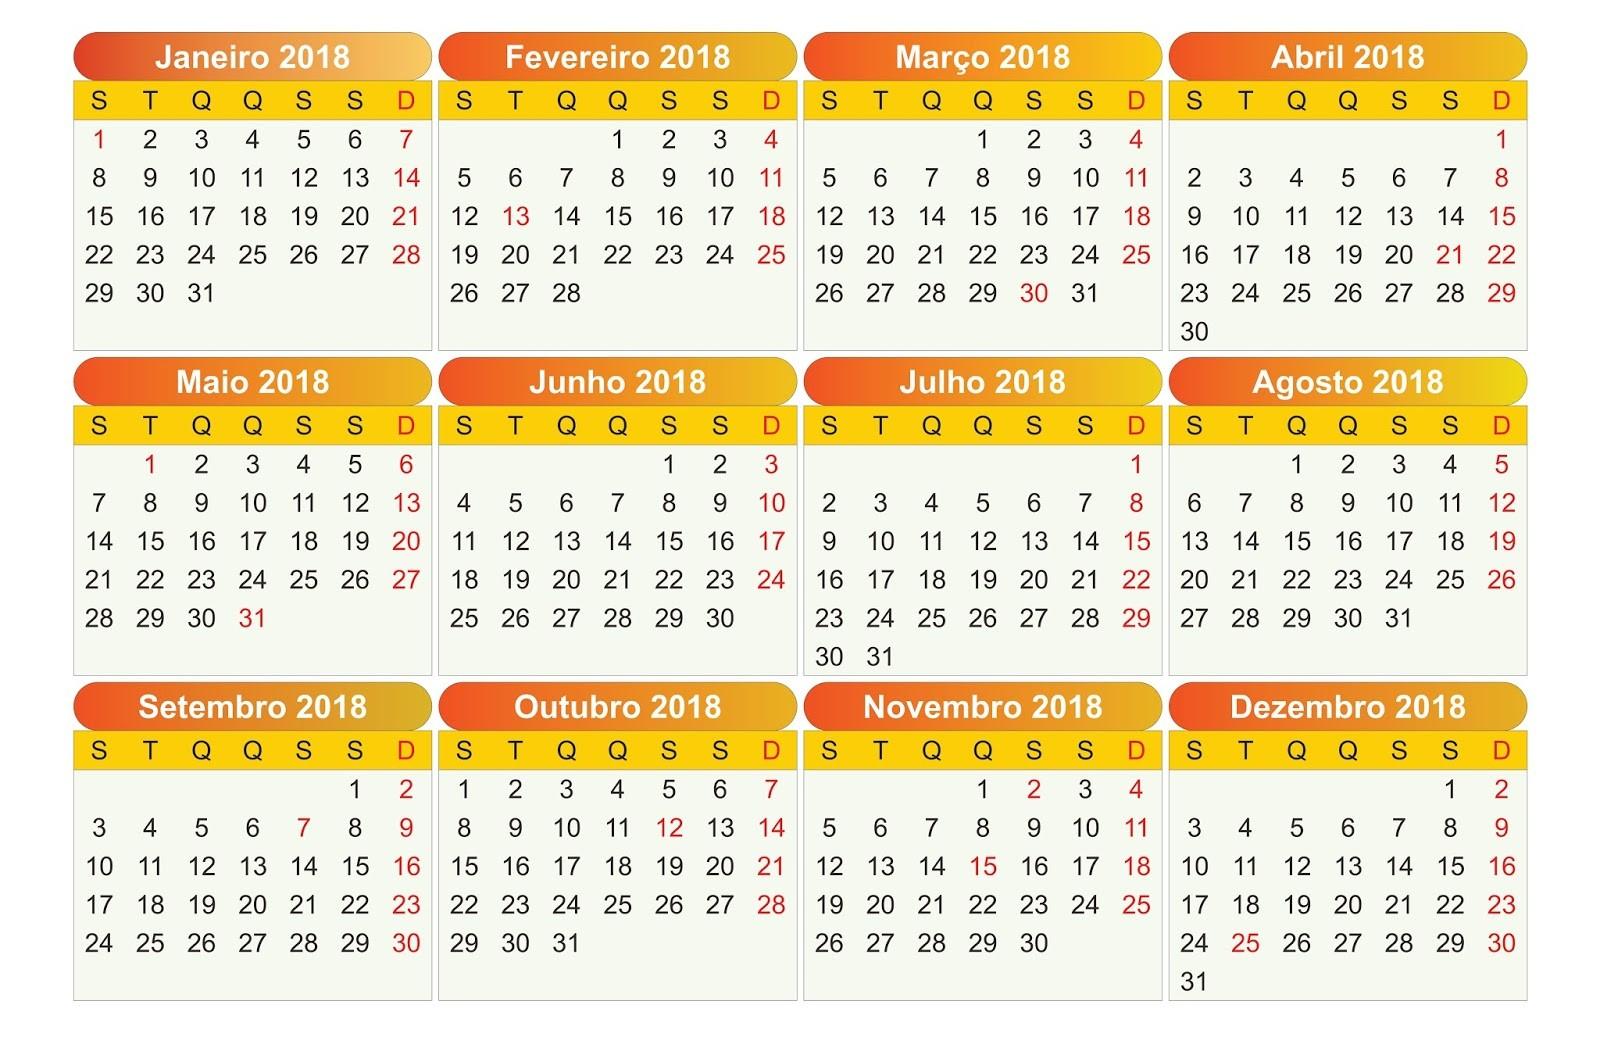 calendario 2018 pt br cdraipdfpng e psd